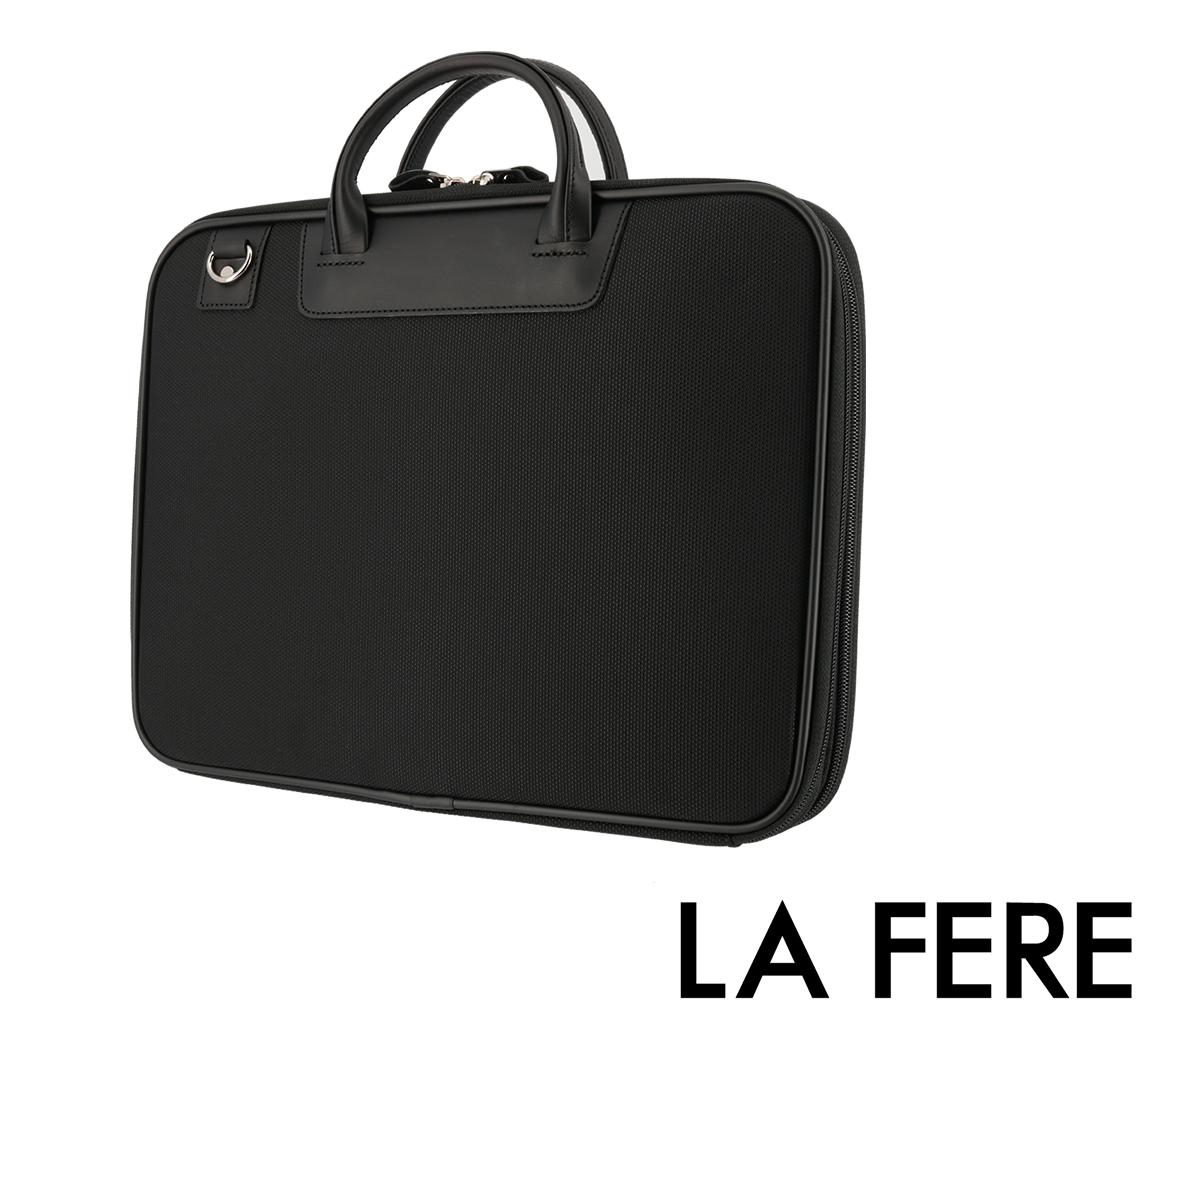 青木鞄 ラフェール ブリーフケース オプス 6717 | LA FERE ビジネスバッグ メンズ 日本製 ナイロン[PO10][bef]